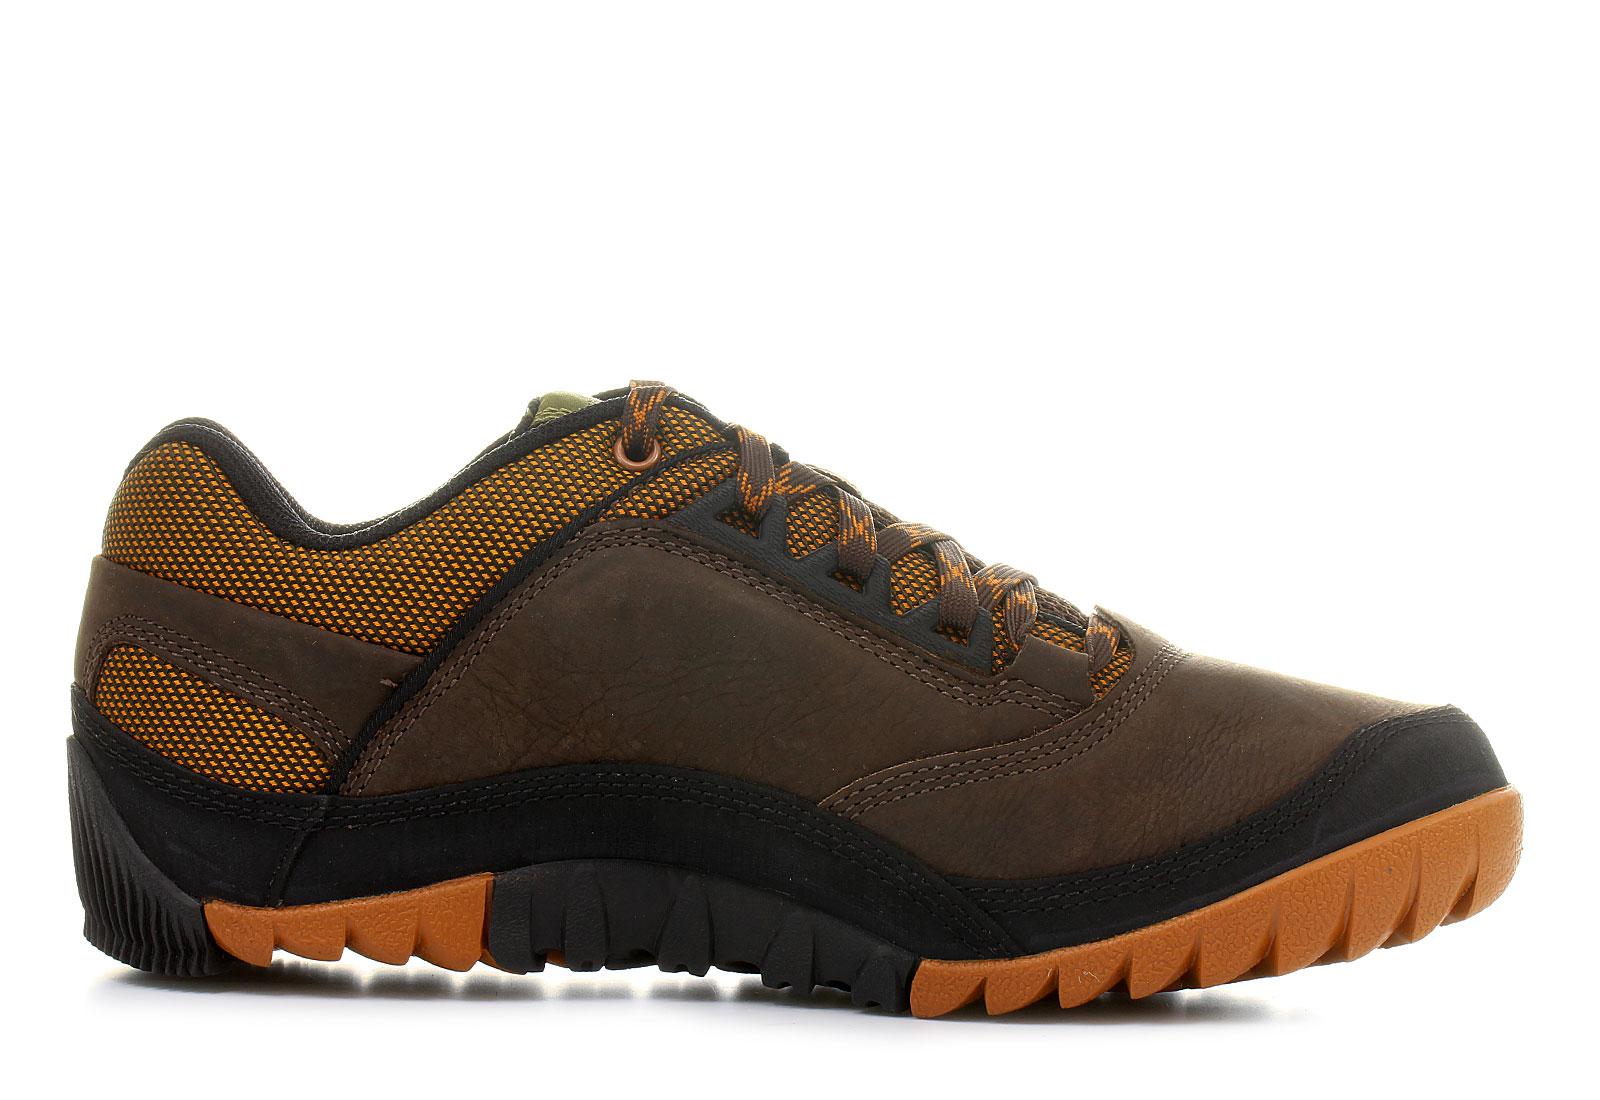 Merrell Cipő - Annex - J21193-dbr - Office Shoes Magyarország e9626d7316